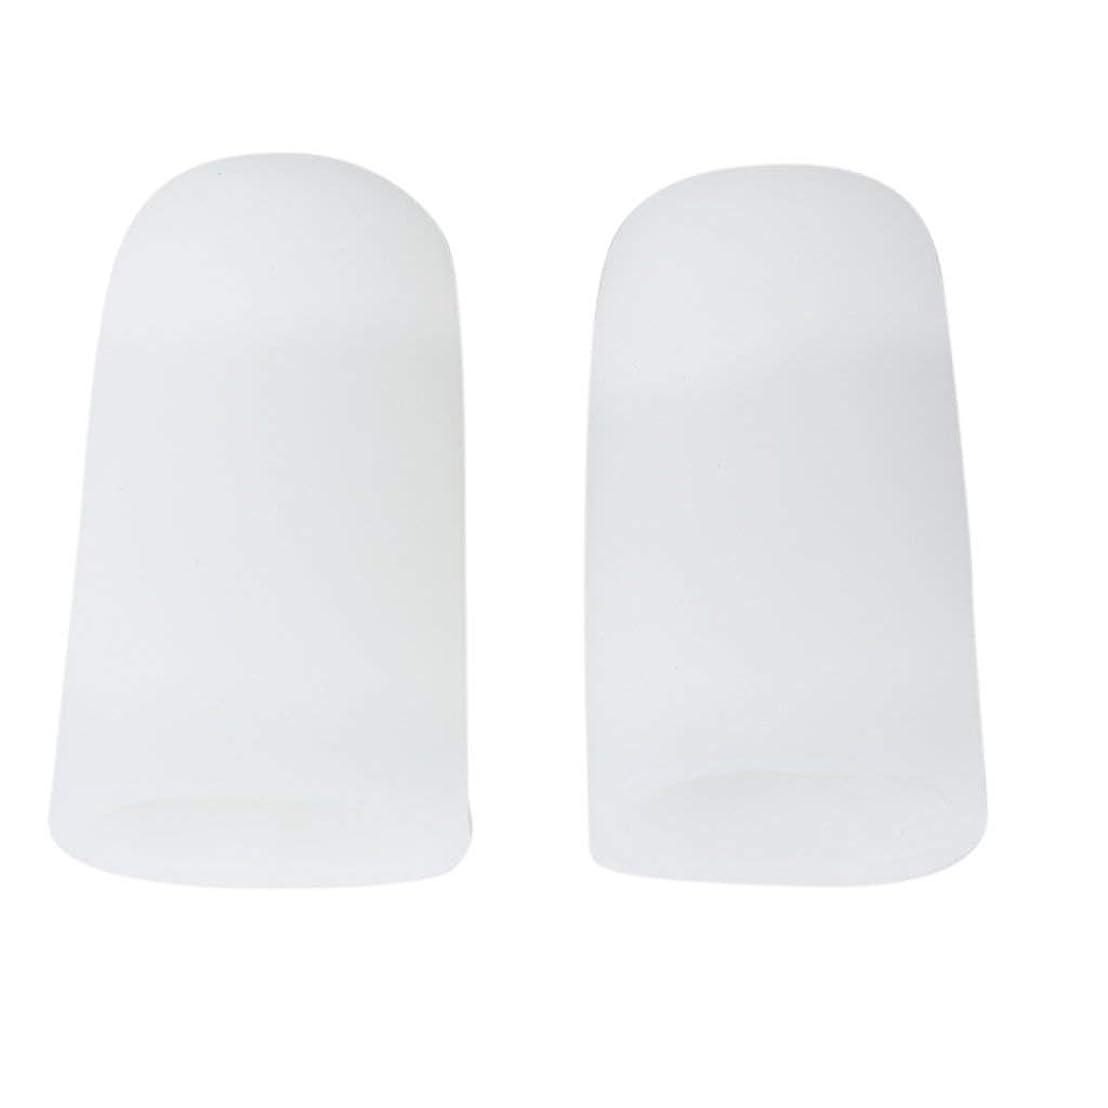 ご意見ダイヤモンド上昇TSUCIA 足指保護キャップ つま先プロテクター 足先のつめ保護キャップ シリコン (M)